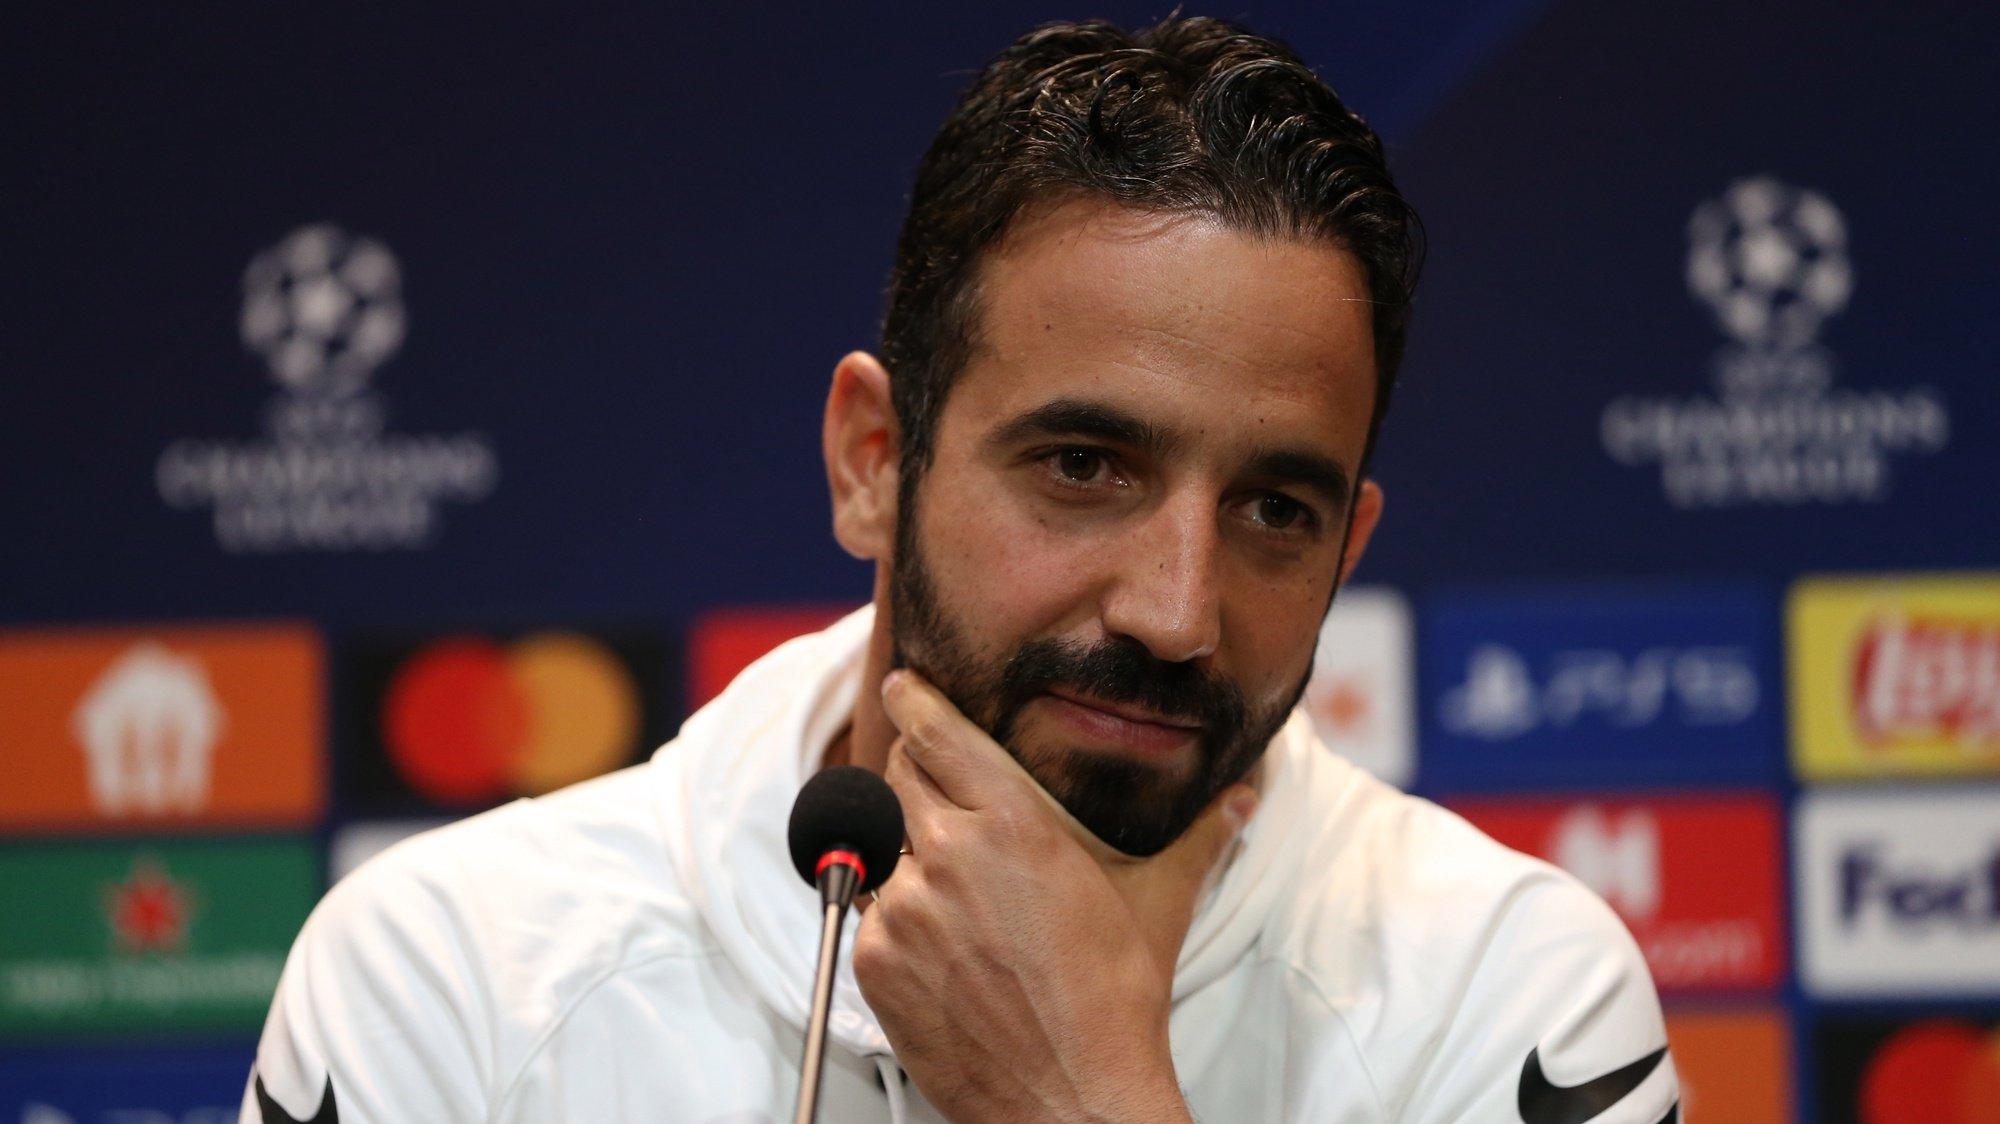 Treinador do sporting, Rúben Amorim, numa conferência de imprensa em Instambul, Turquia, 18 de outubro 2021.